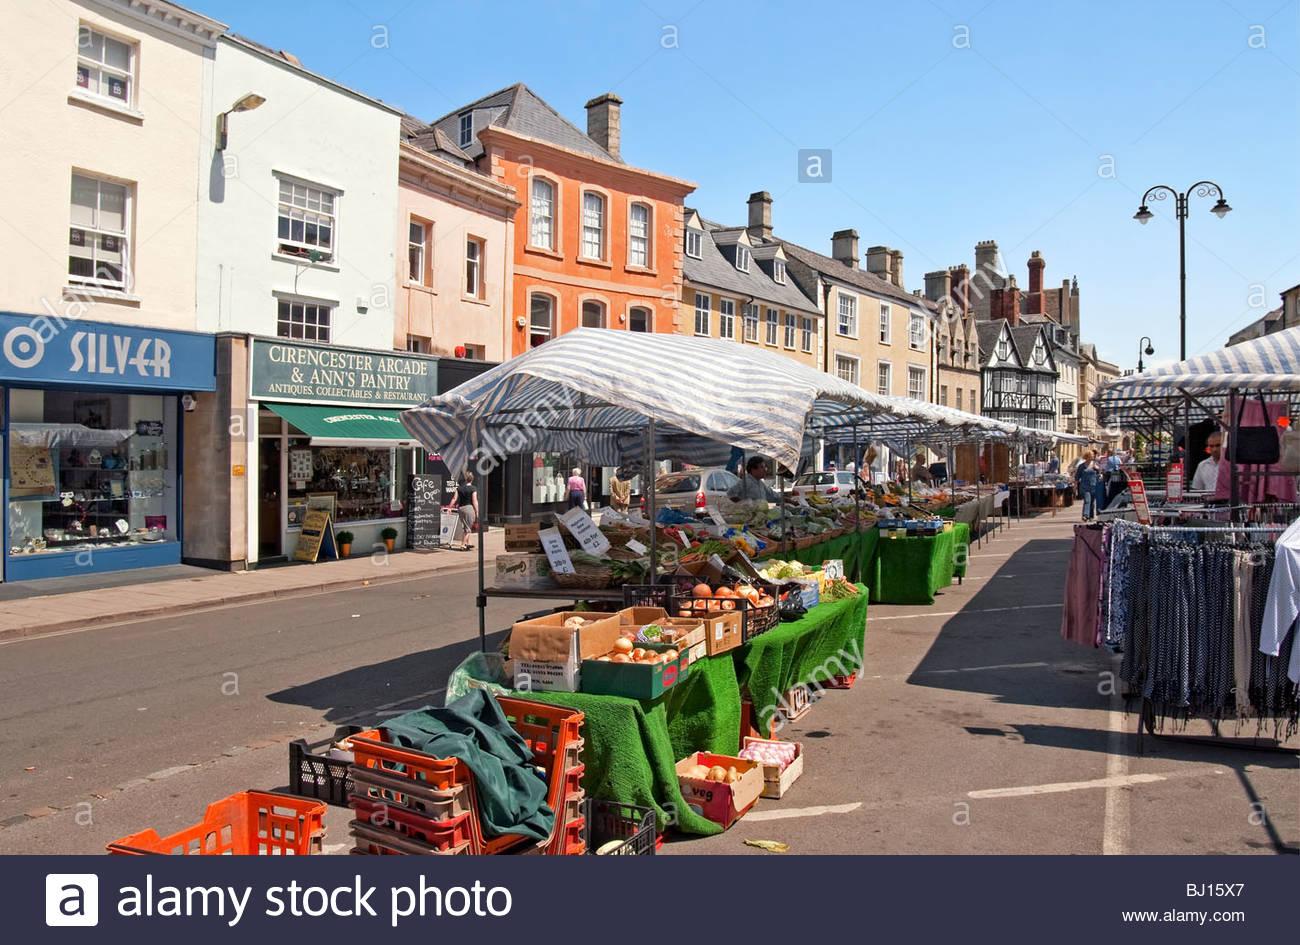 Bild des Marktes im Stadt Zentrum von Cirencester, East Gloucestershire, England. Stockbild